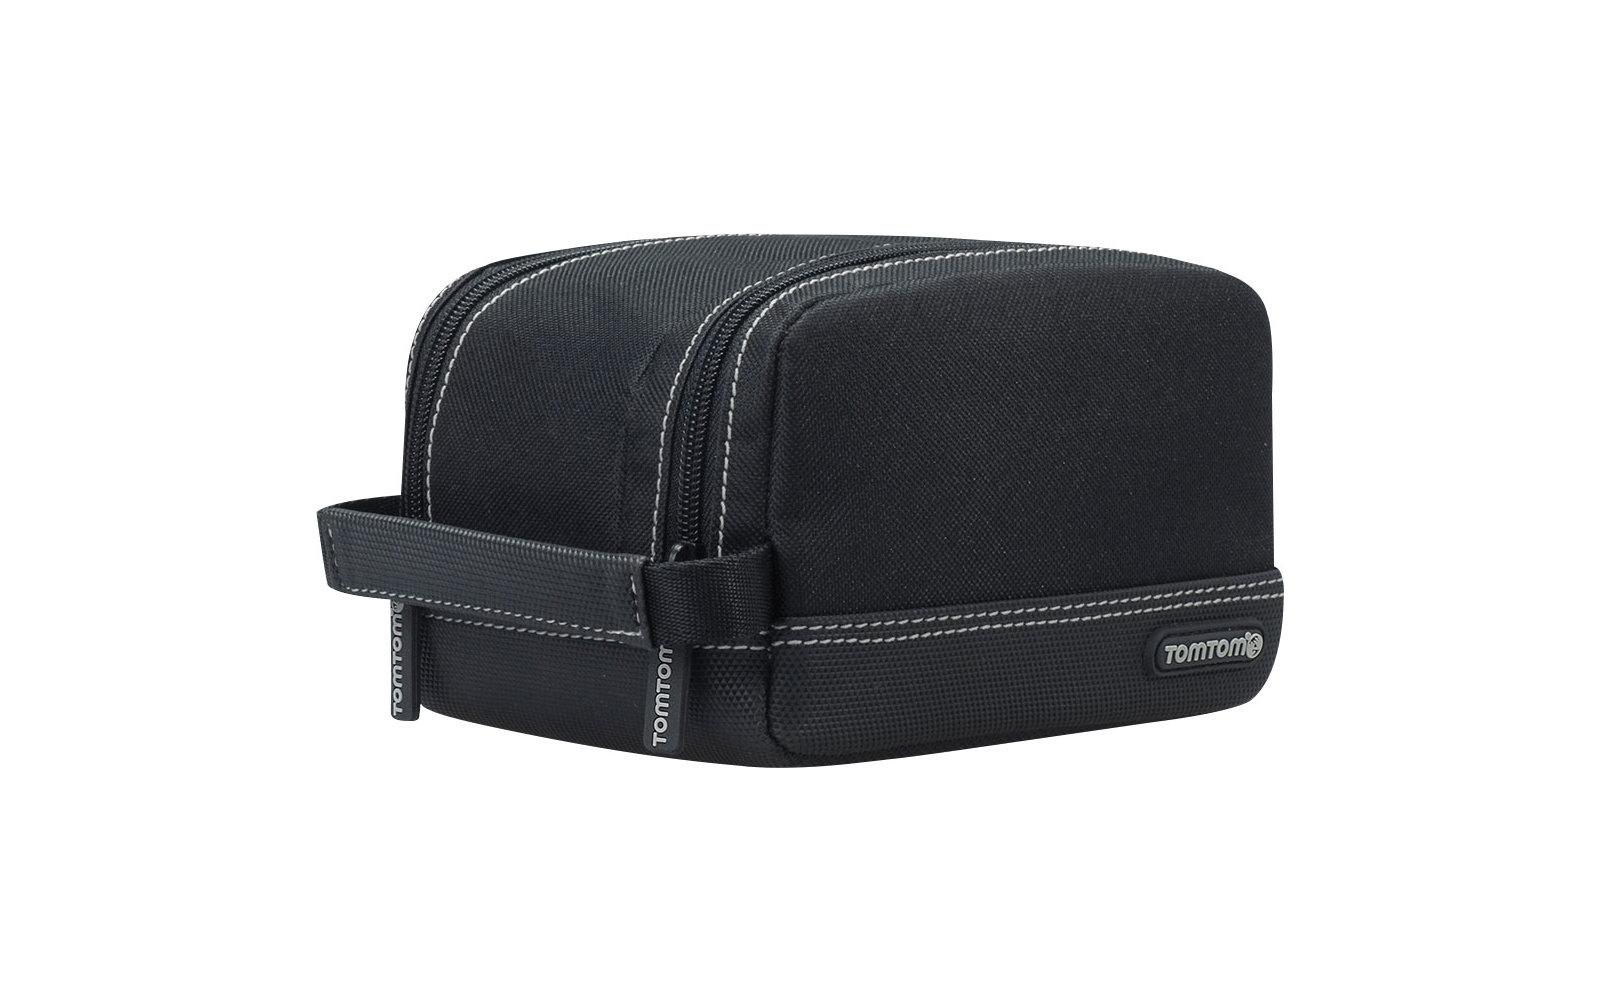 TomTom Reisetasche für Geräte von 4,3